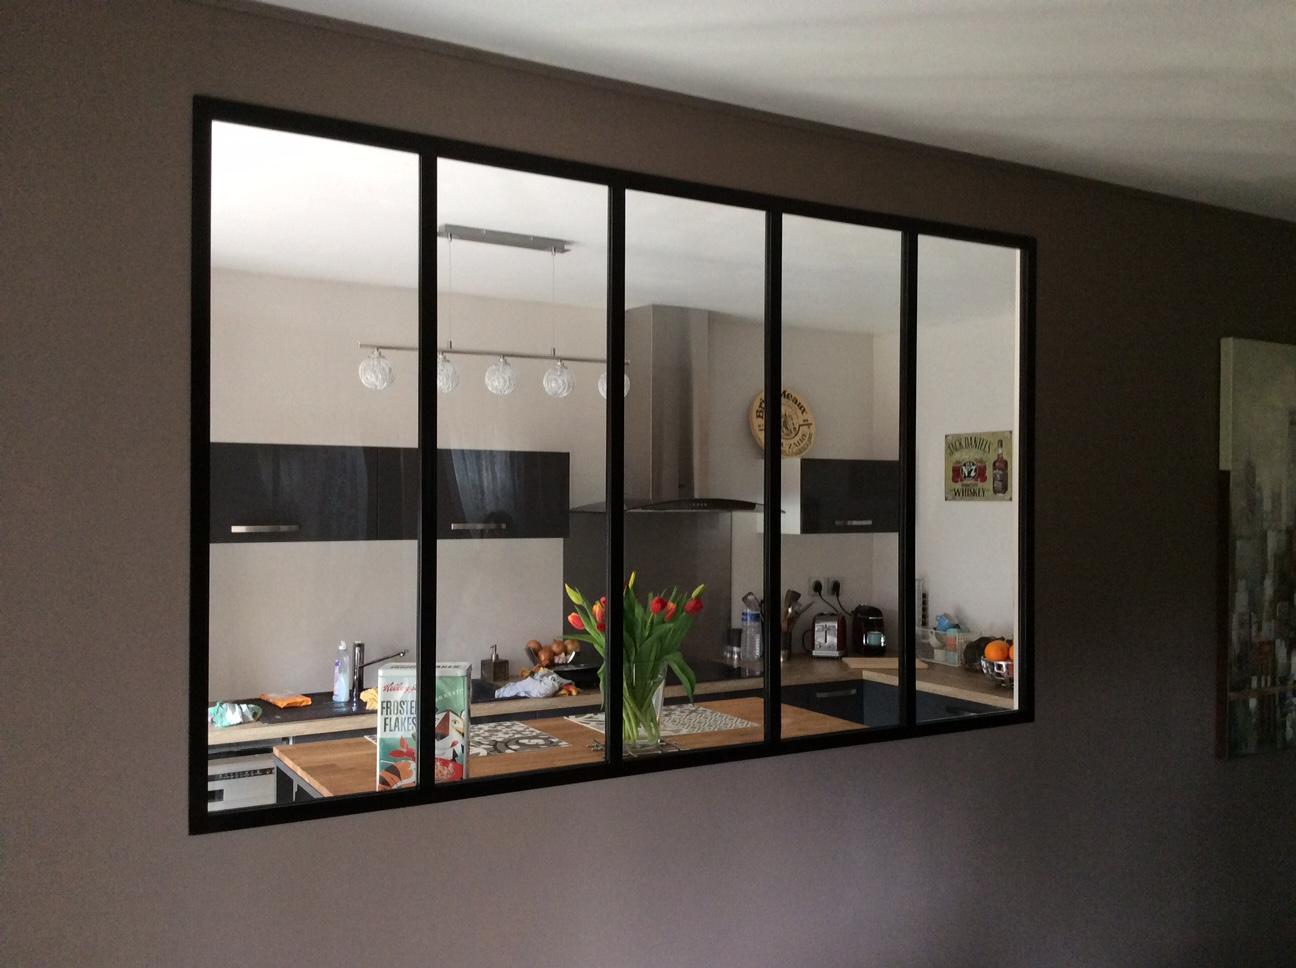 verri re d int rieur sur mesure m tallier bordeaux. Black Bedroom Furniture Sets. Home Design Ideas